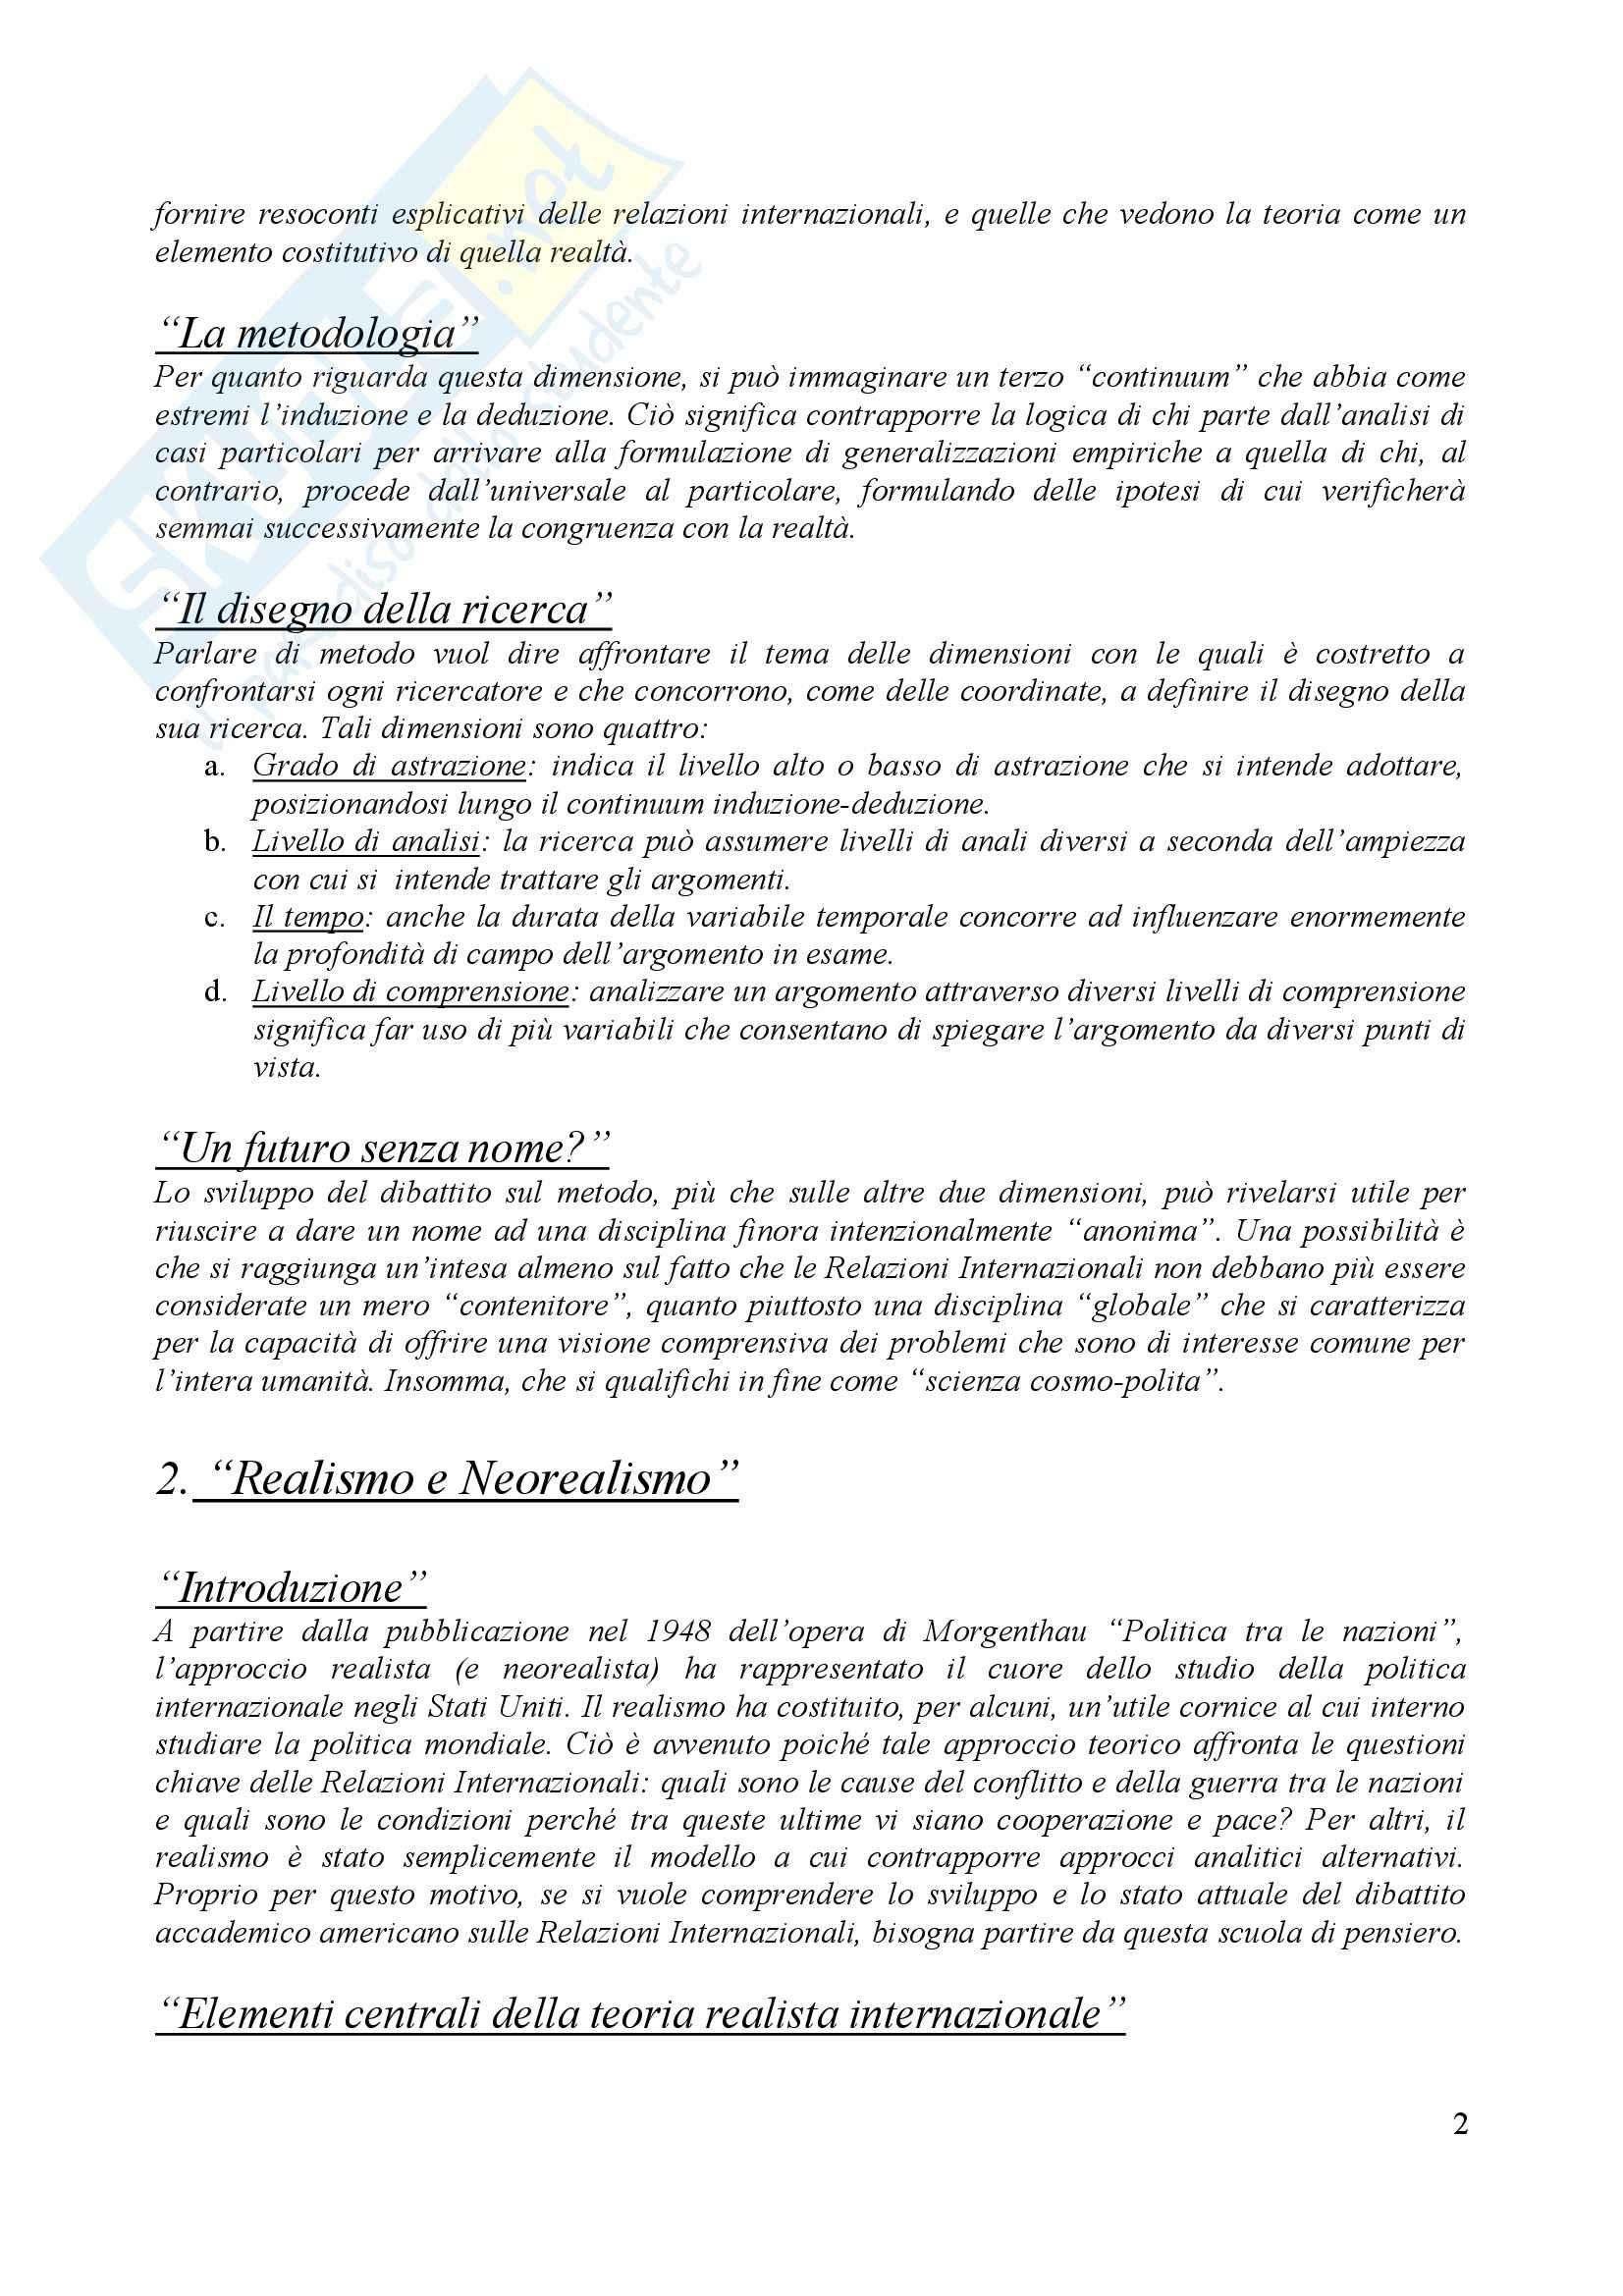 Teorie delle relazioni internazionali Pag. 2